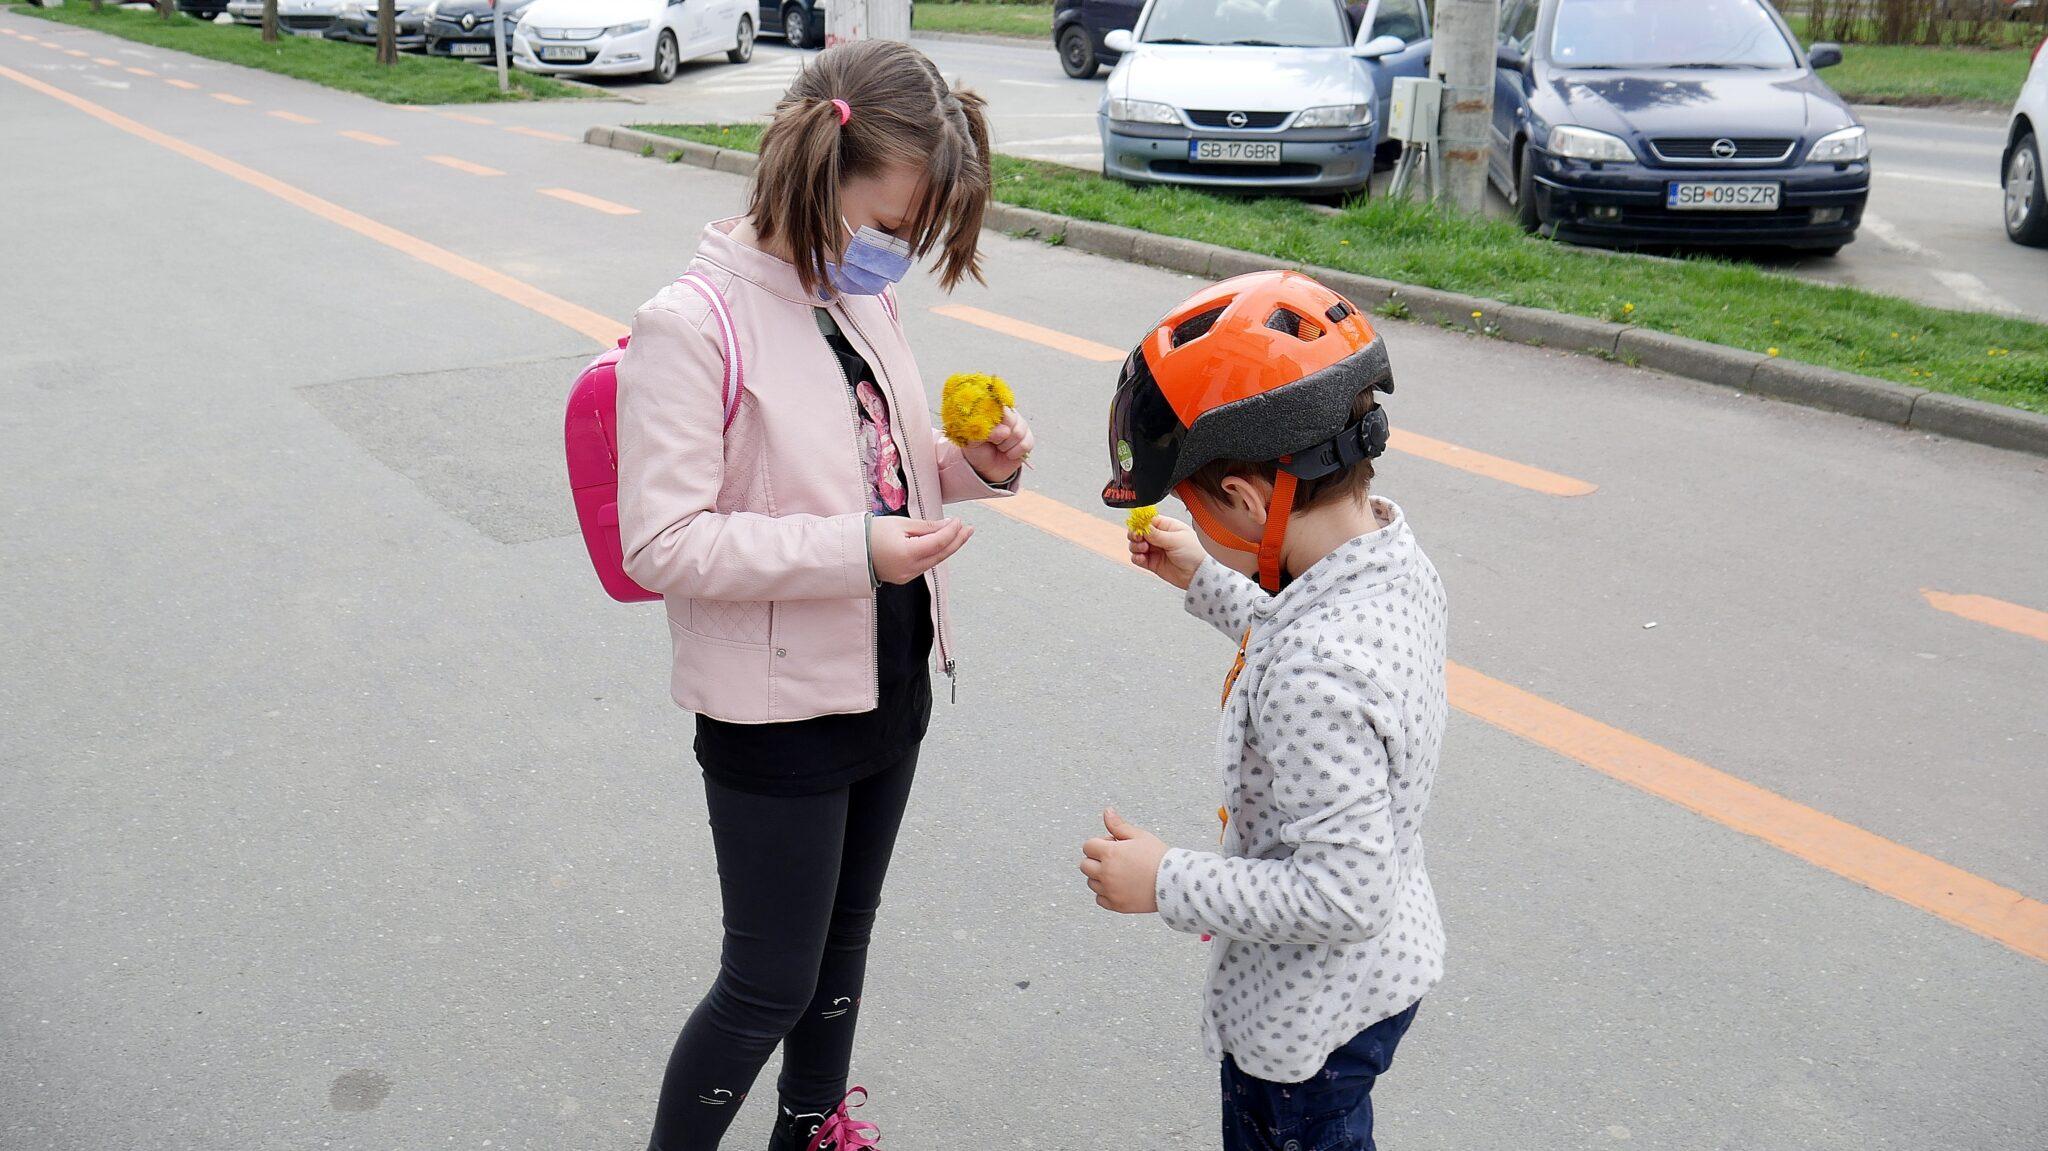 Aniversarea de 8 ani. Cum ne-am decis la un smartwatch pentru copii?